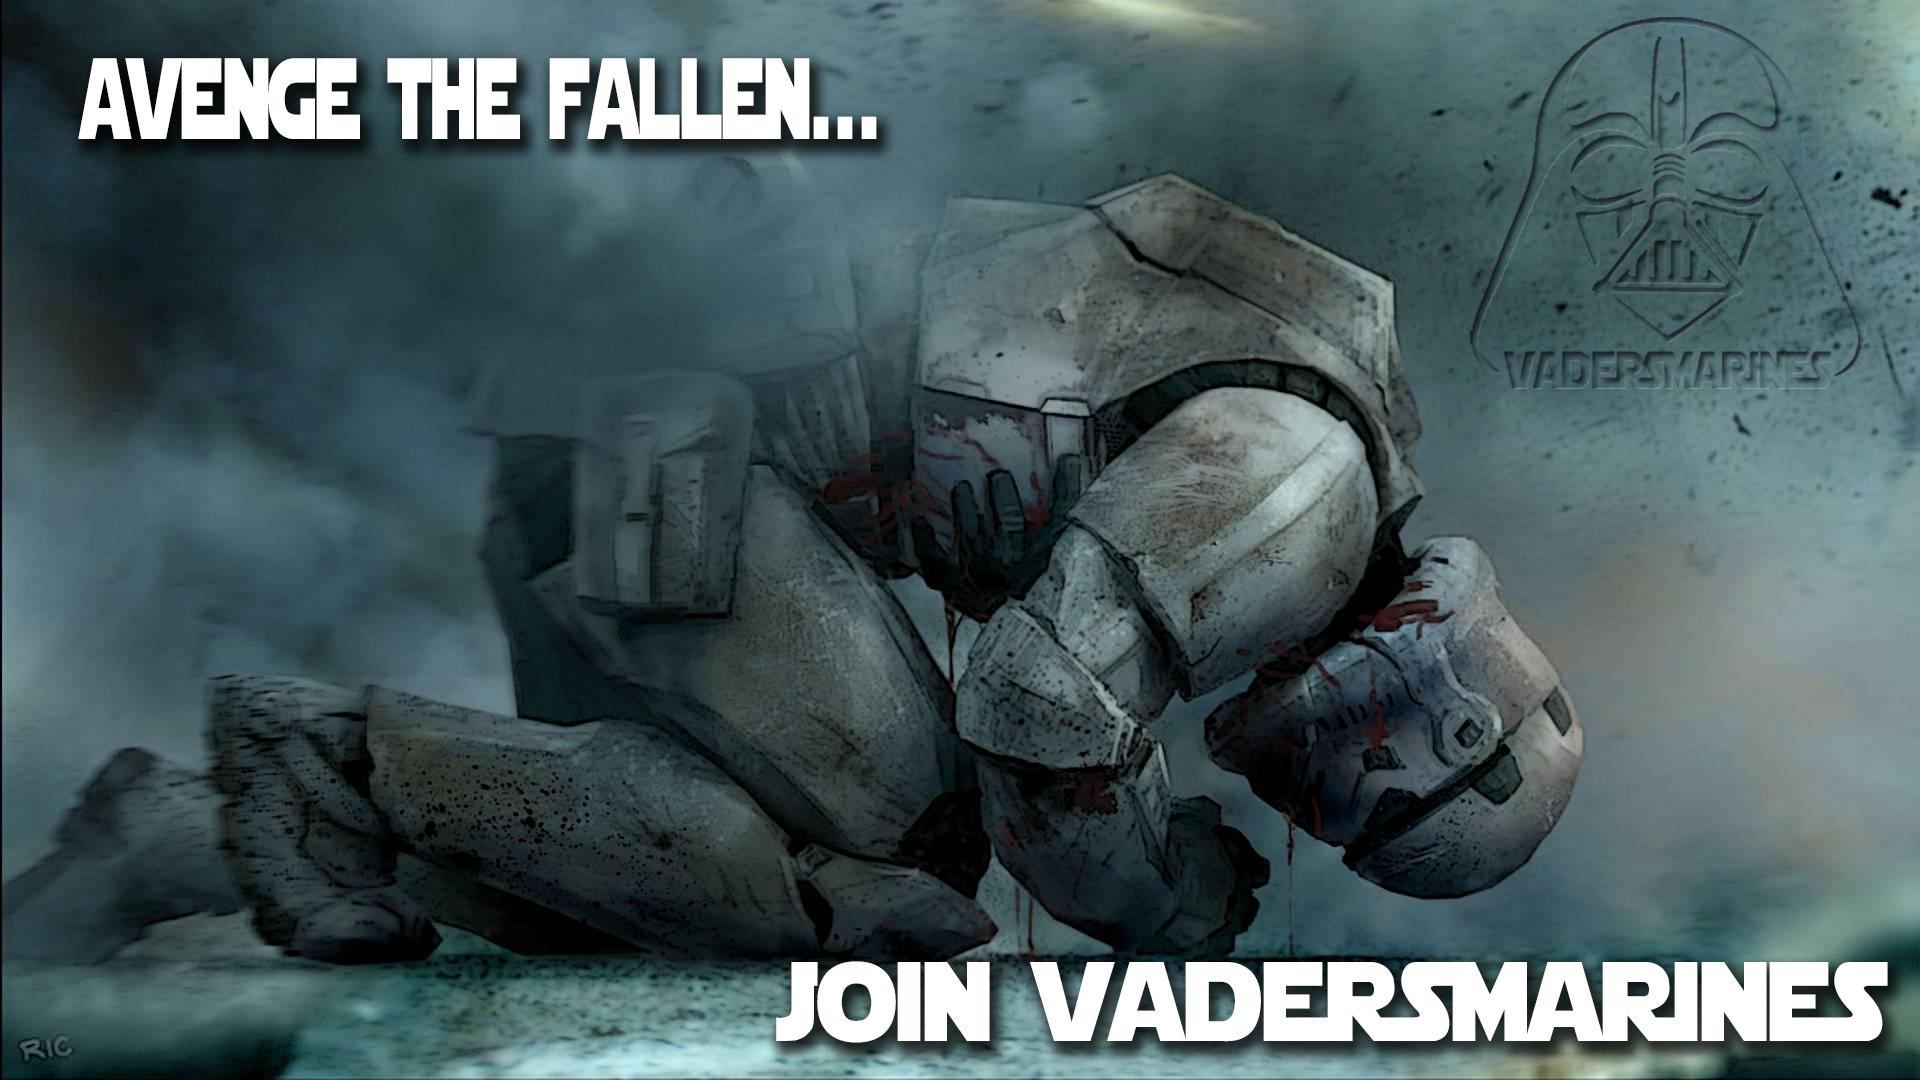 avenge_fallen.jpg